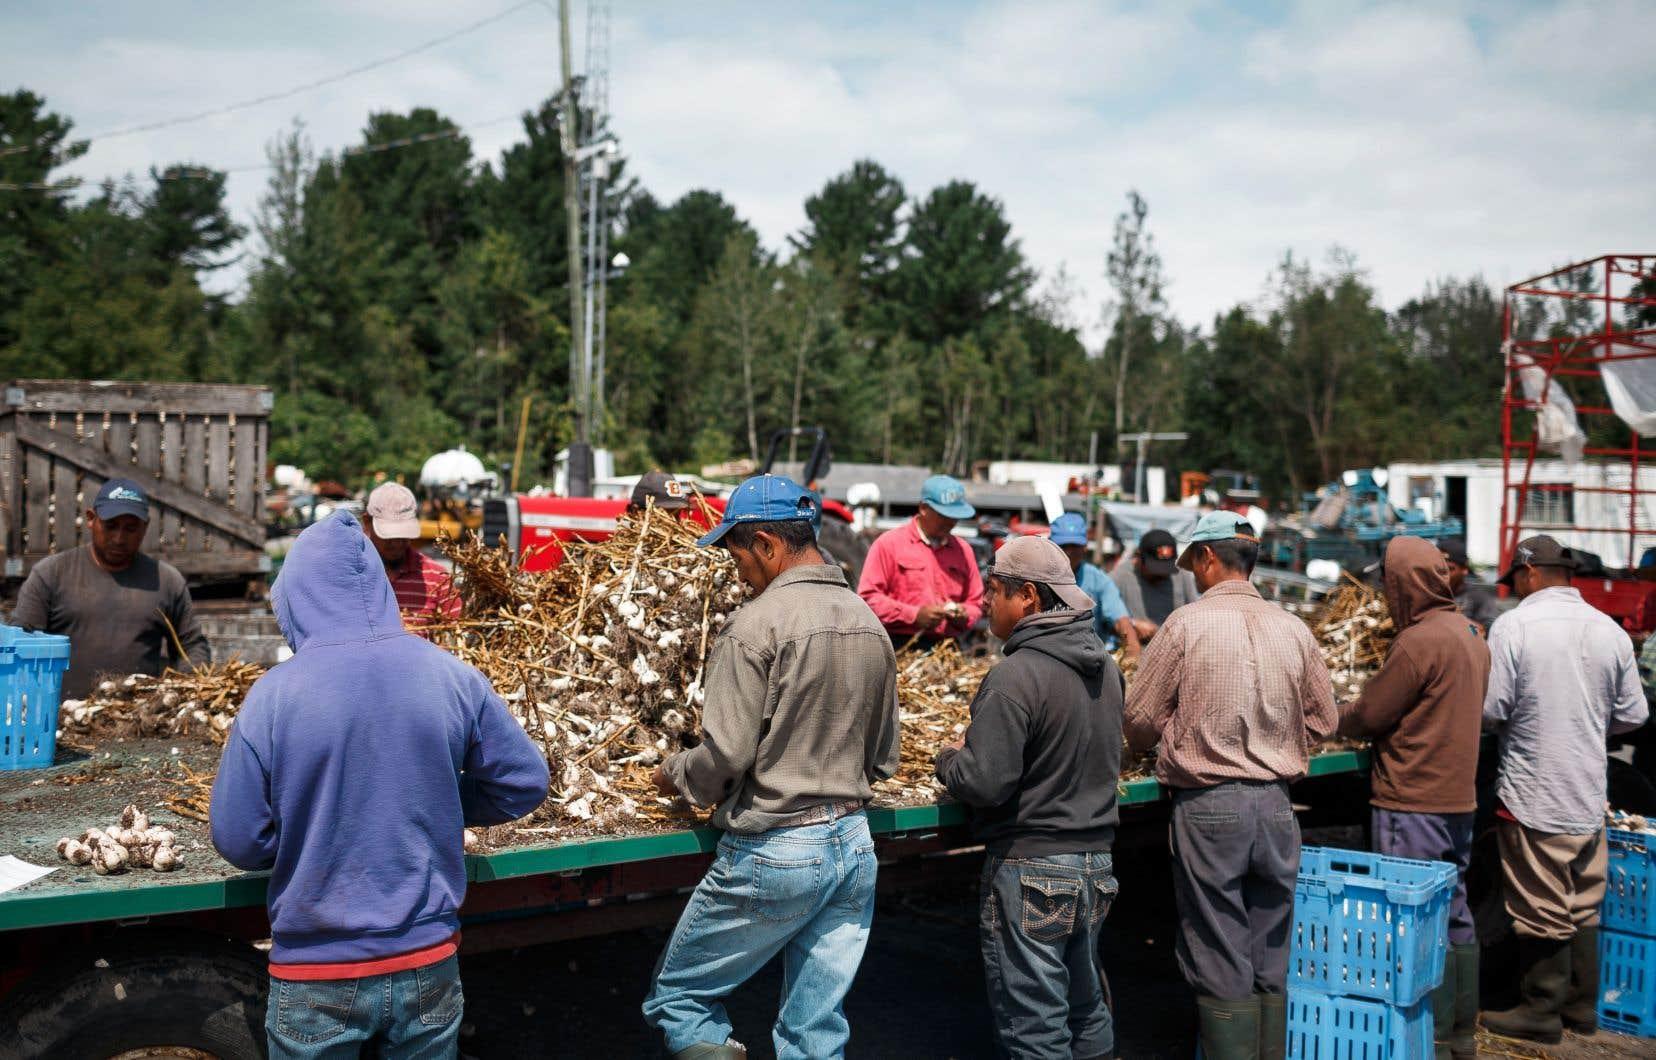 Le Québec accueille environ 13 000 travailleurs temporaires par année, dont une partie est embauchée par des agriculteurs.